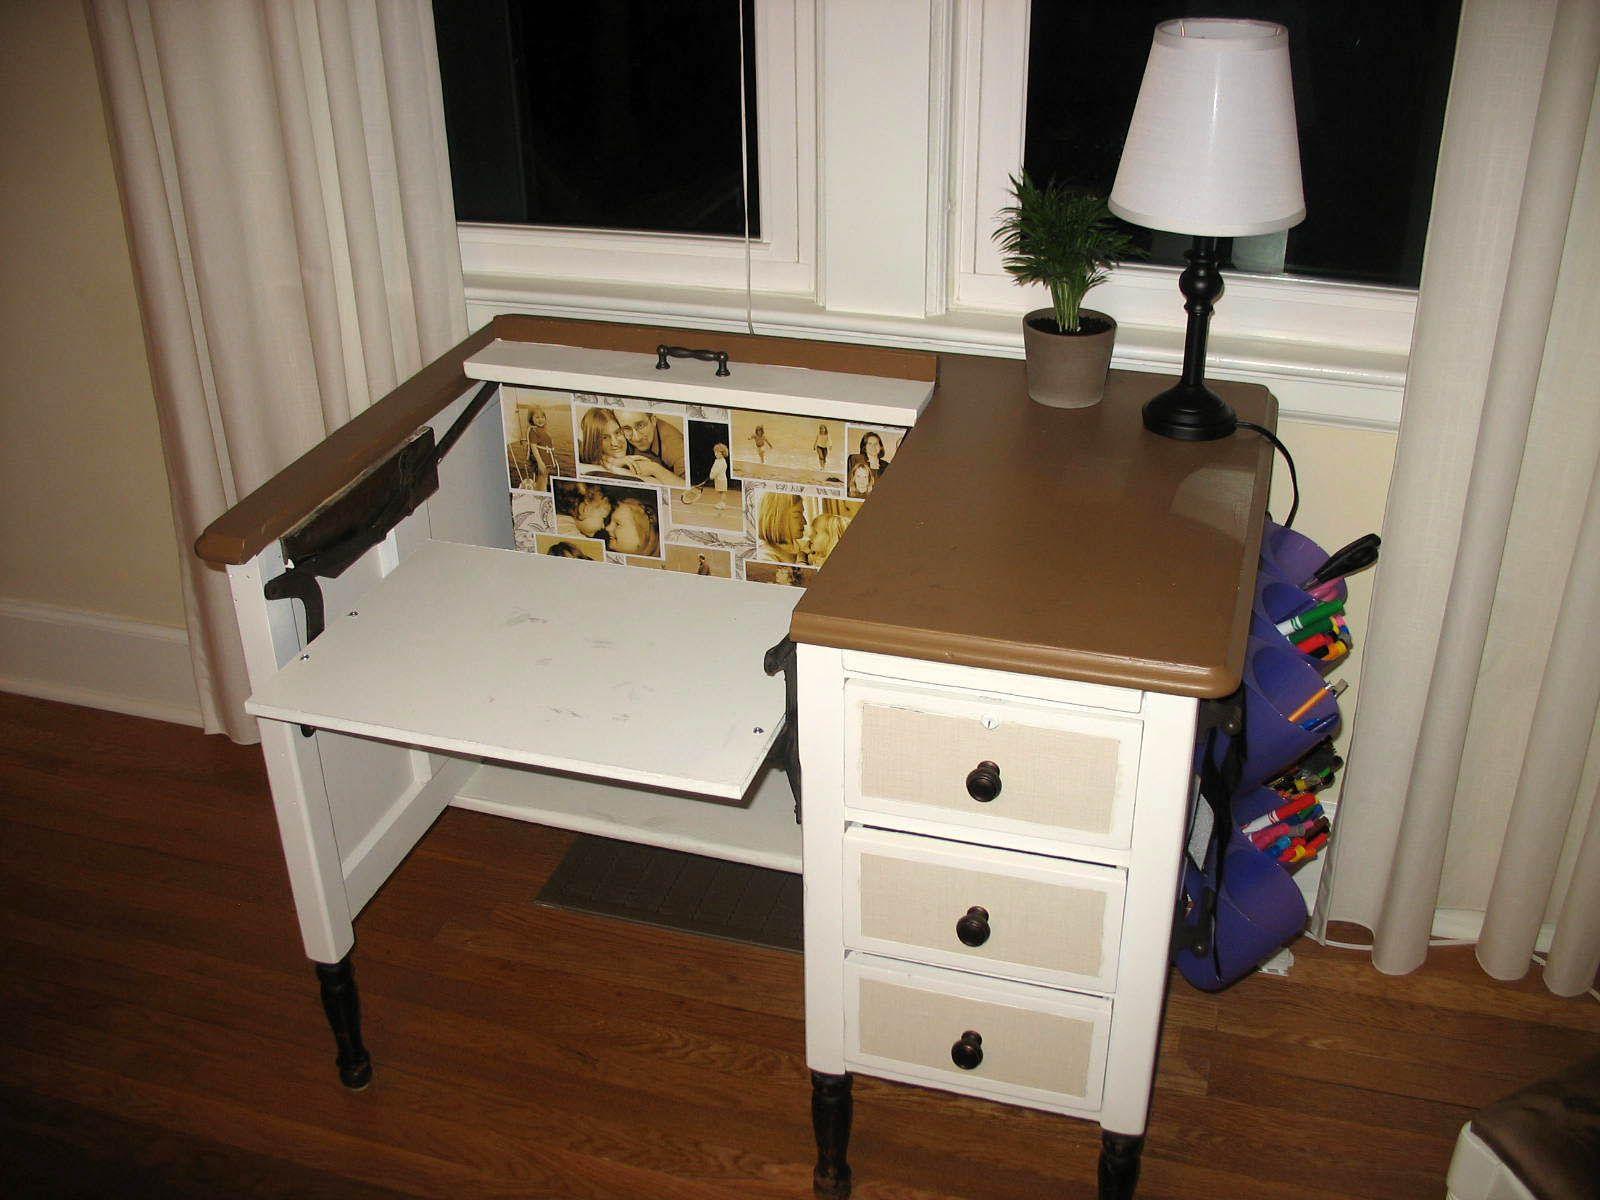 Hidden Desks hidden computer desk |  an old, broken typewriter desk into a